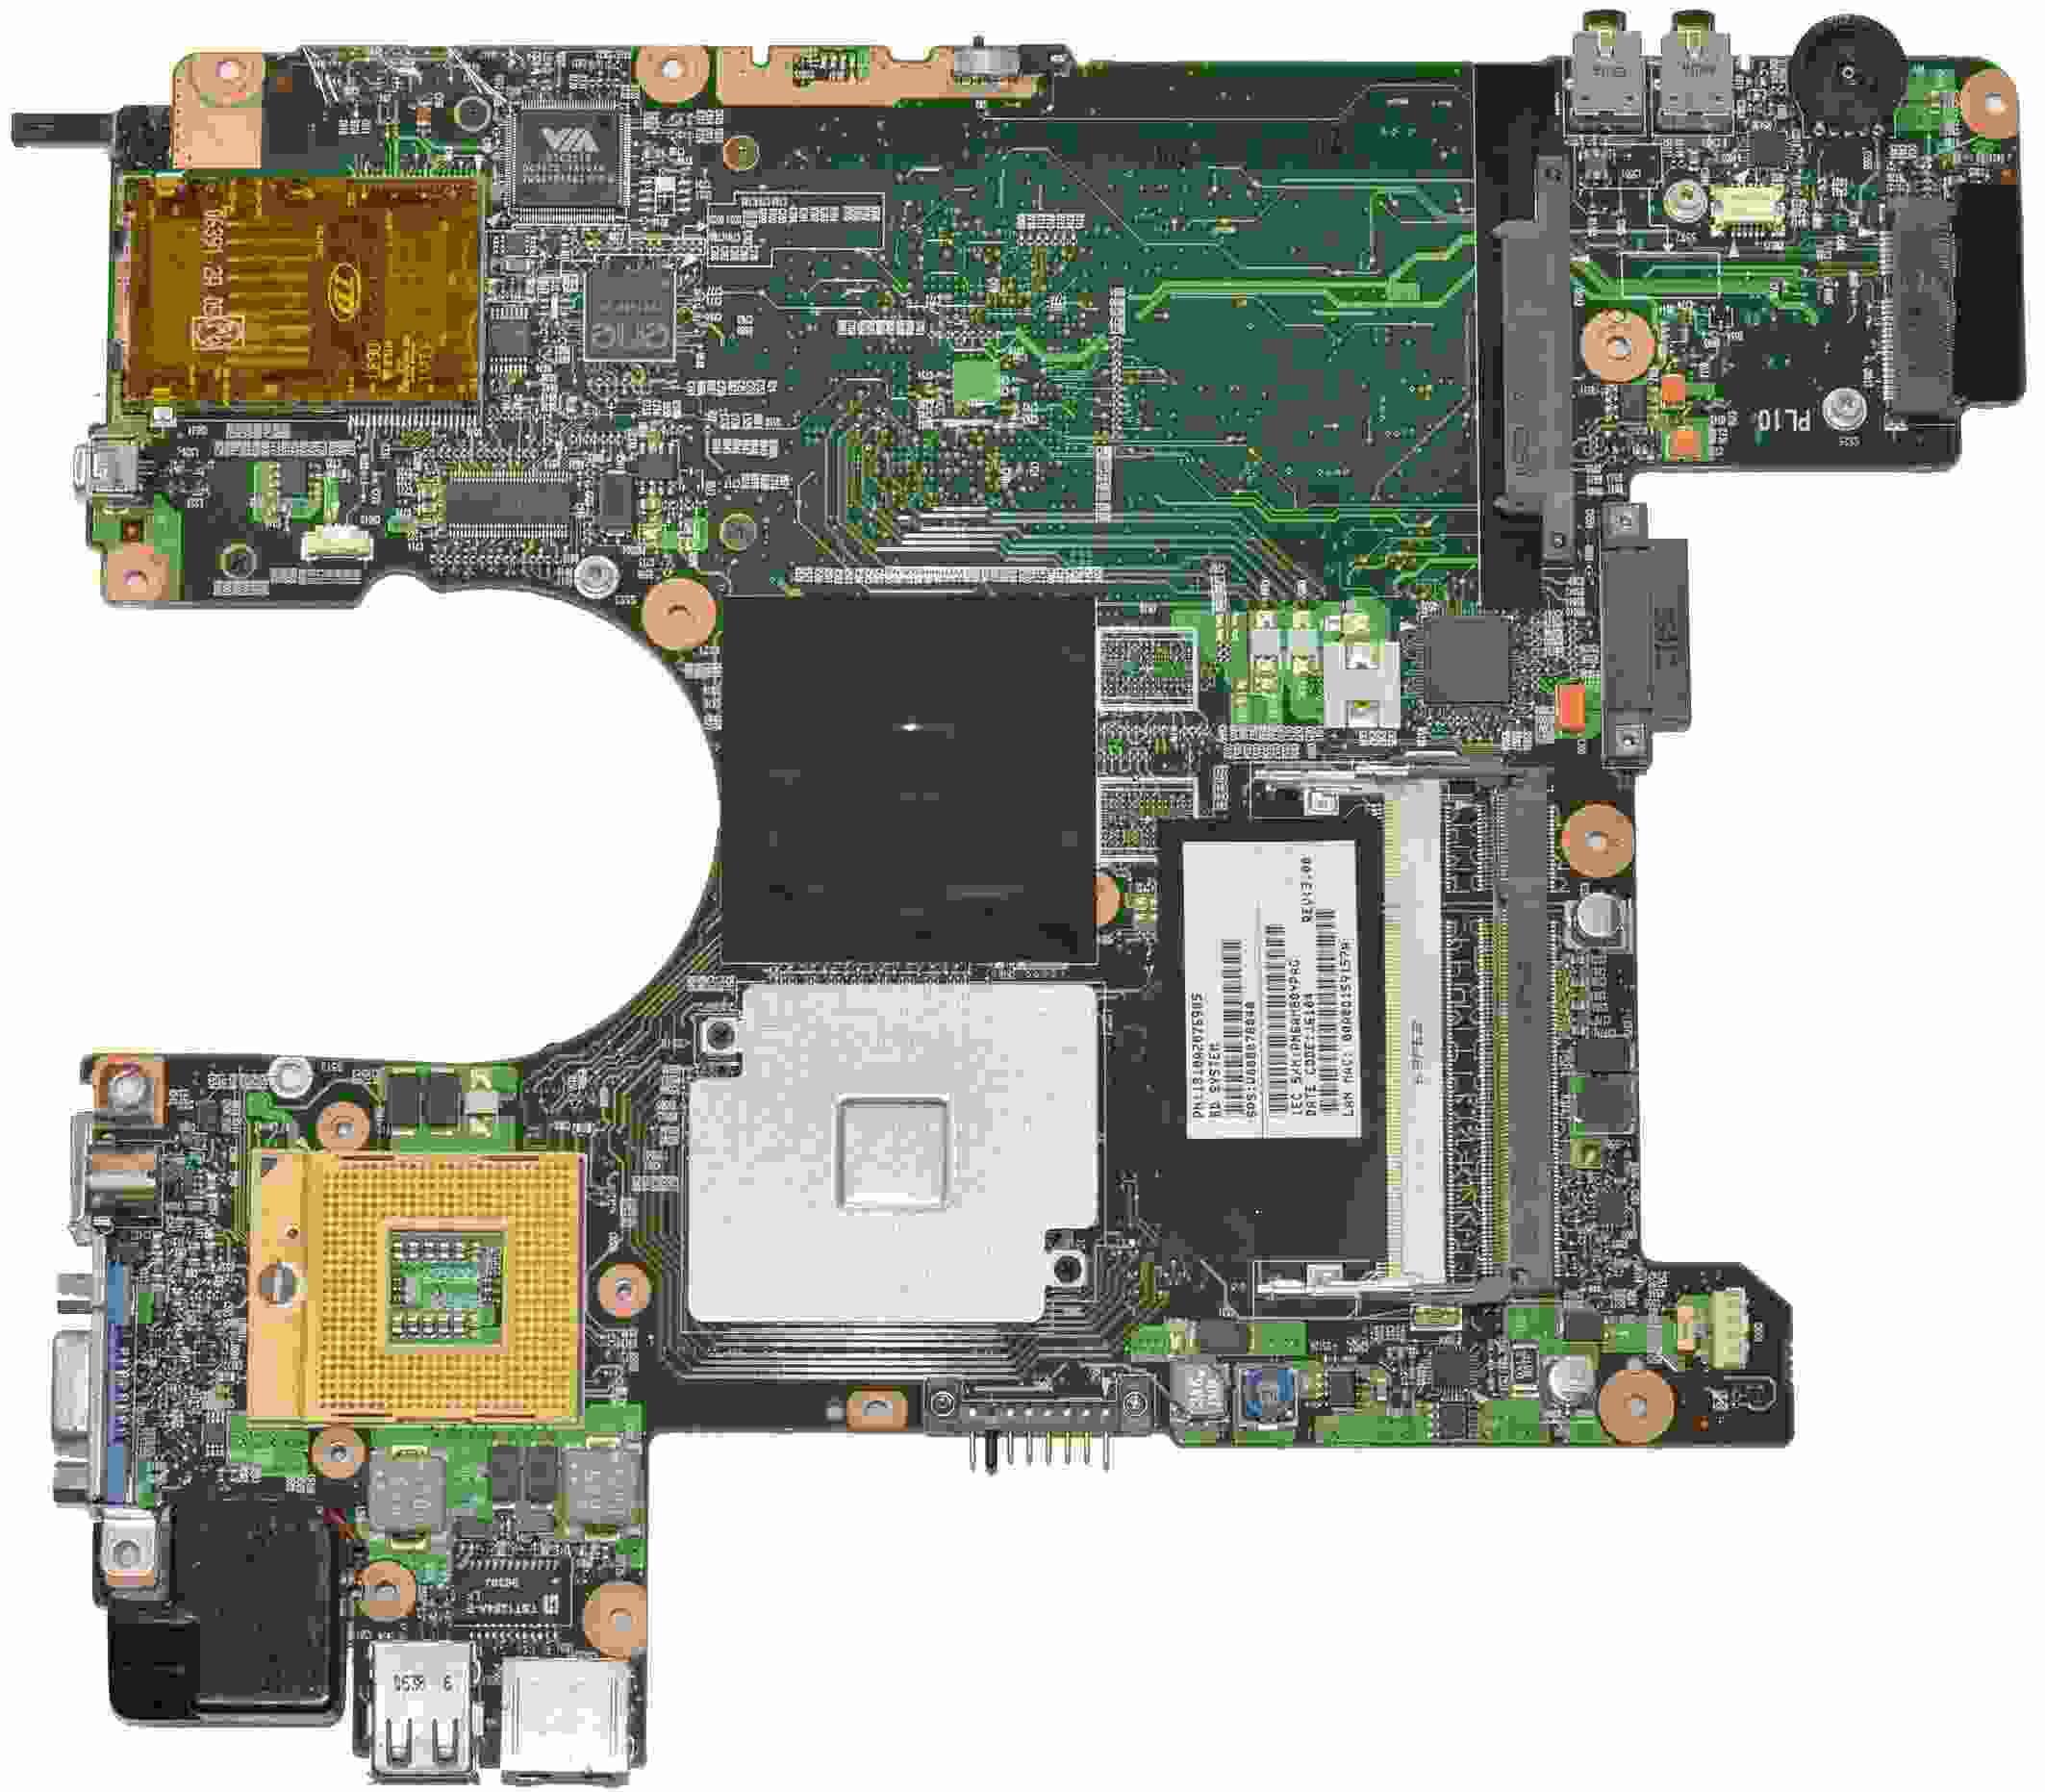 V000078040 TOSHIBA SATELLITE M110 LAPTOP SB + Toshiba en Veo y Compro